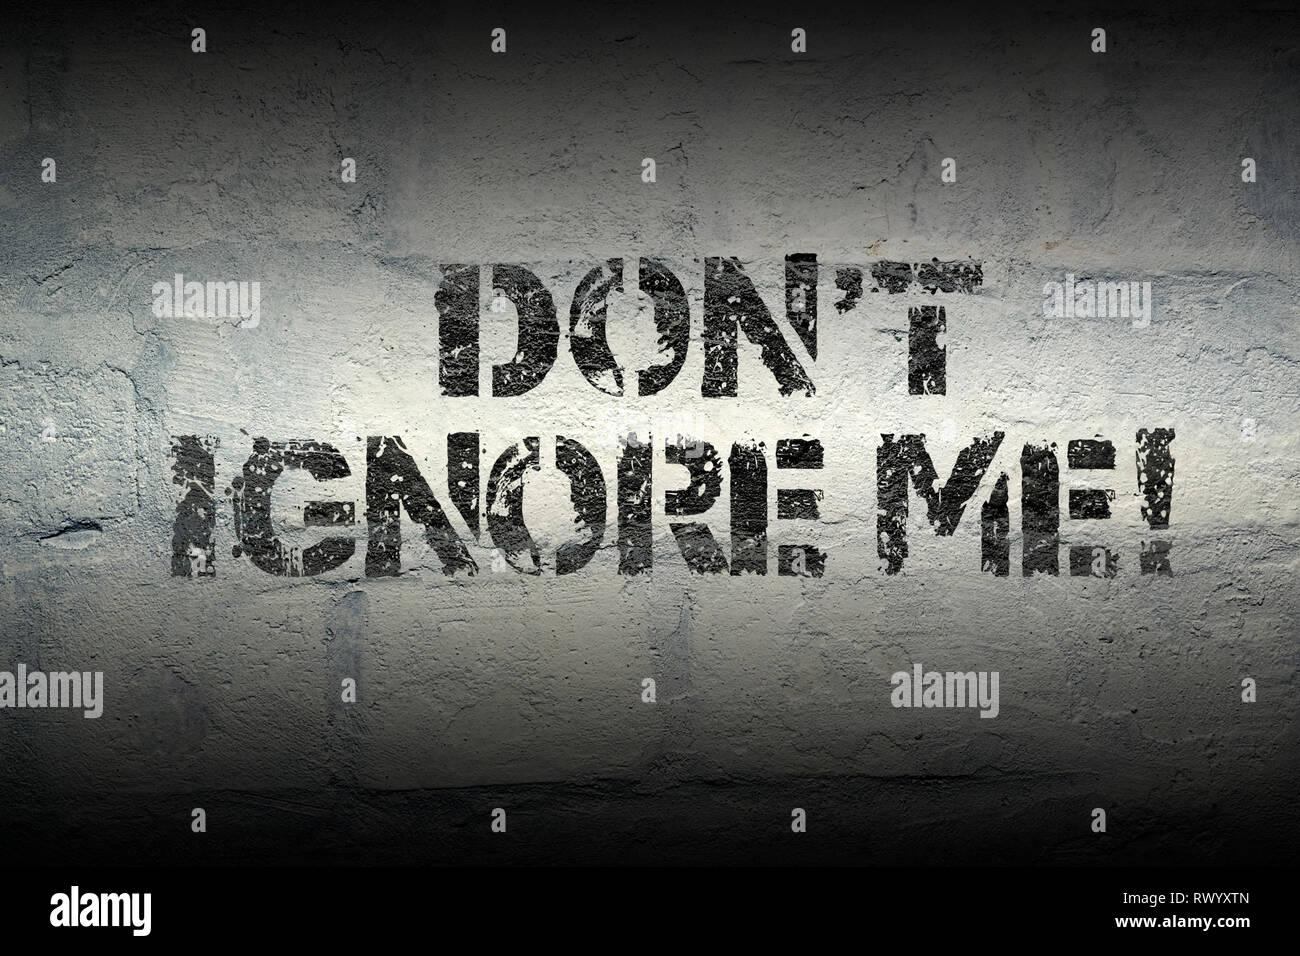 No Me Ignora Frase Cliché Imprimir En El Grunge Pared De